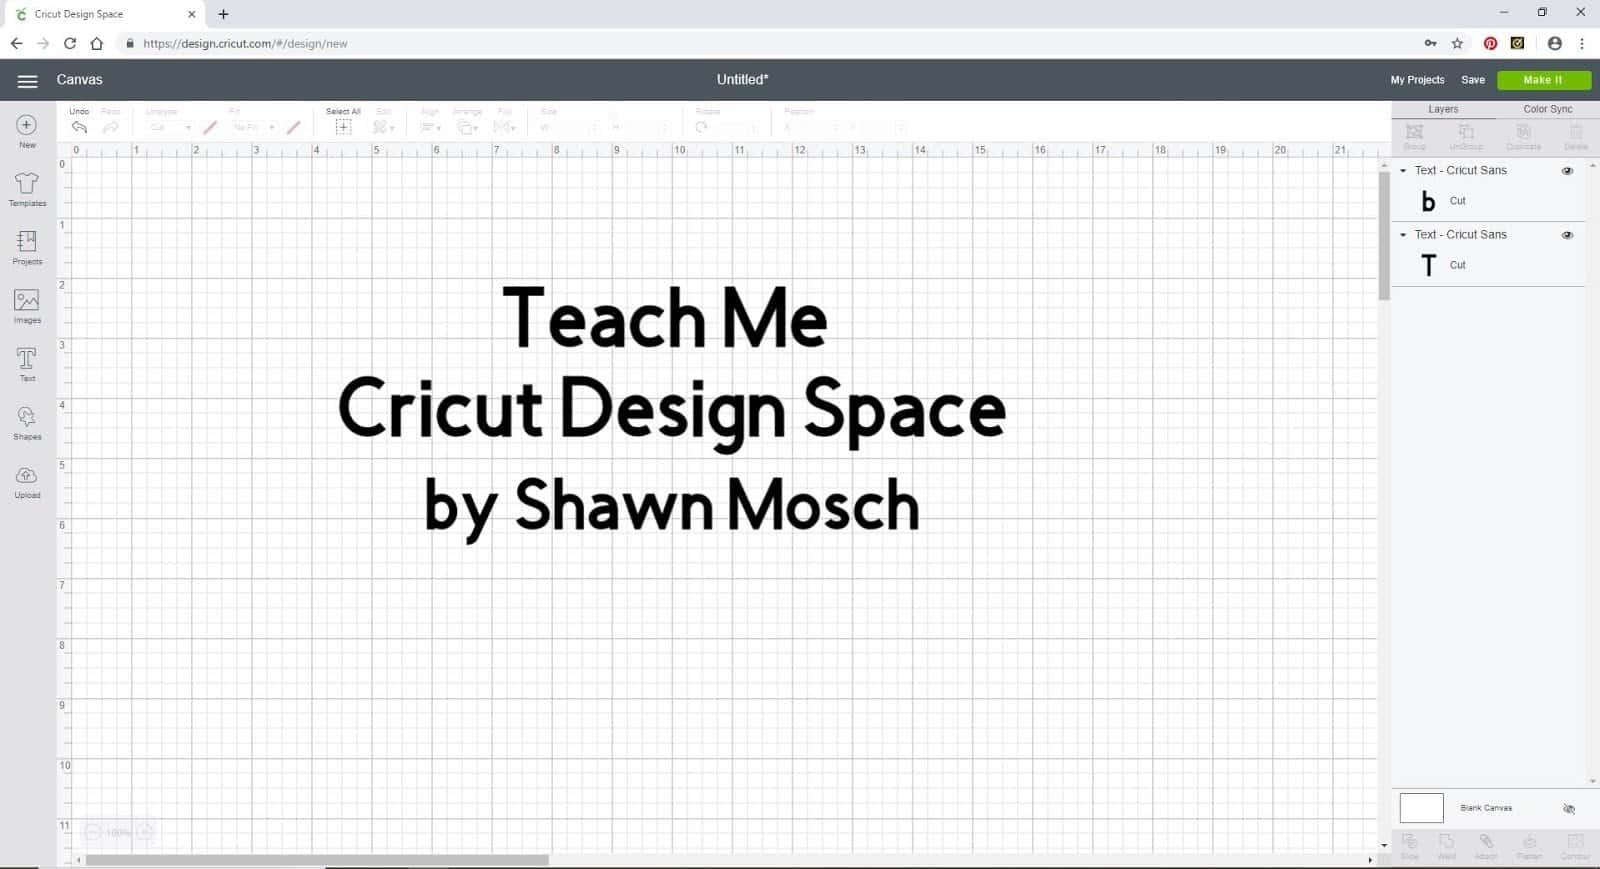 Teach Me Cricut Design Space Shawn Mosch